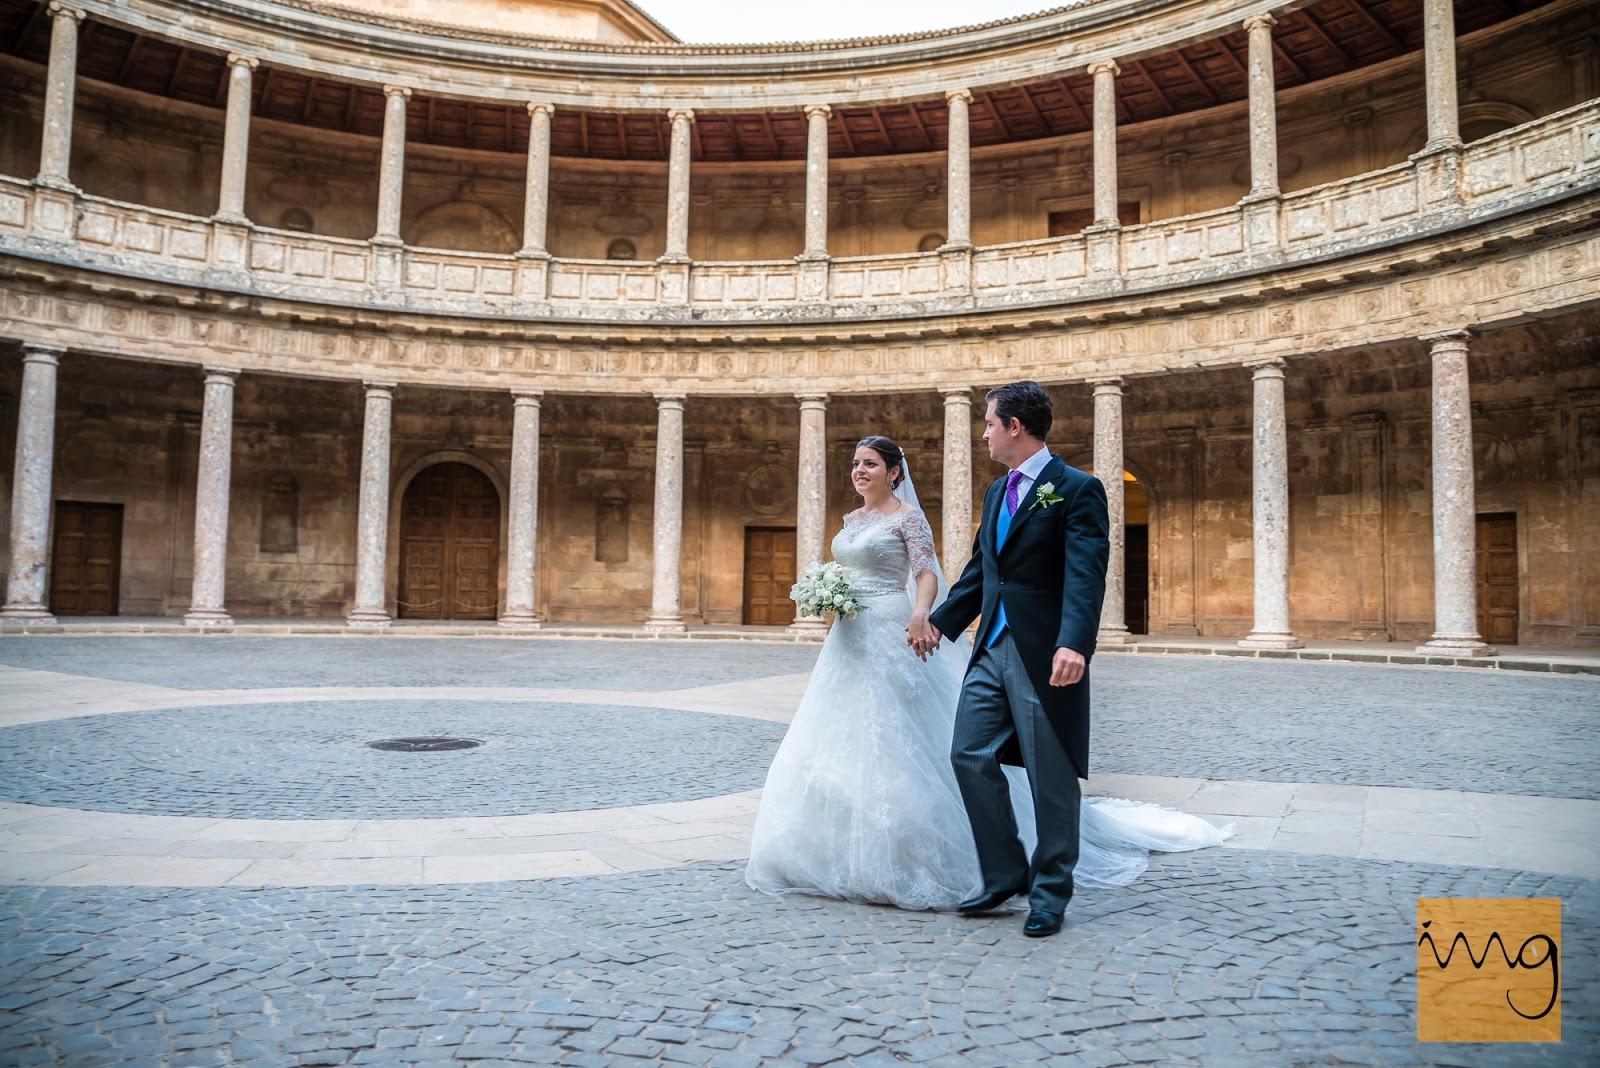 Fotografía de boda en el palacio de Carlos V, Granada.